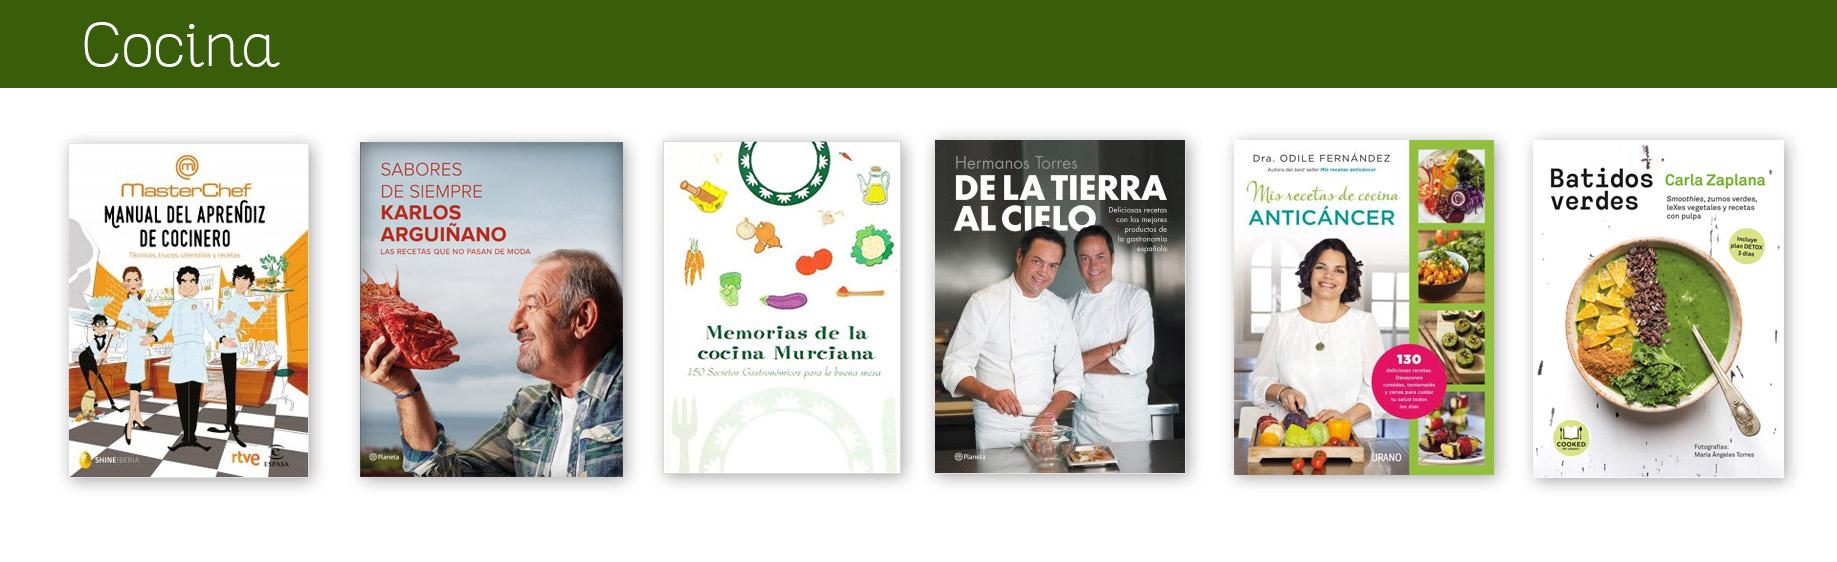 bodegon-literatura-cocina